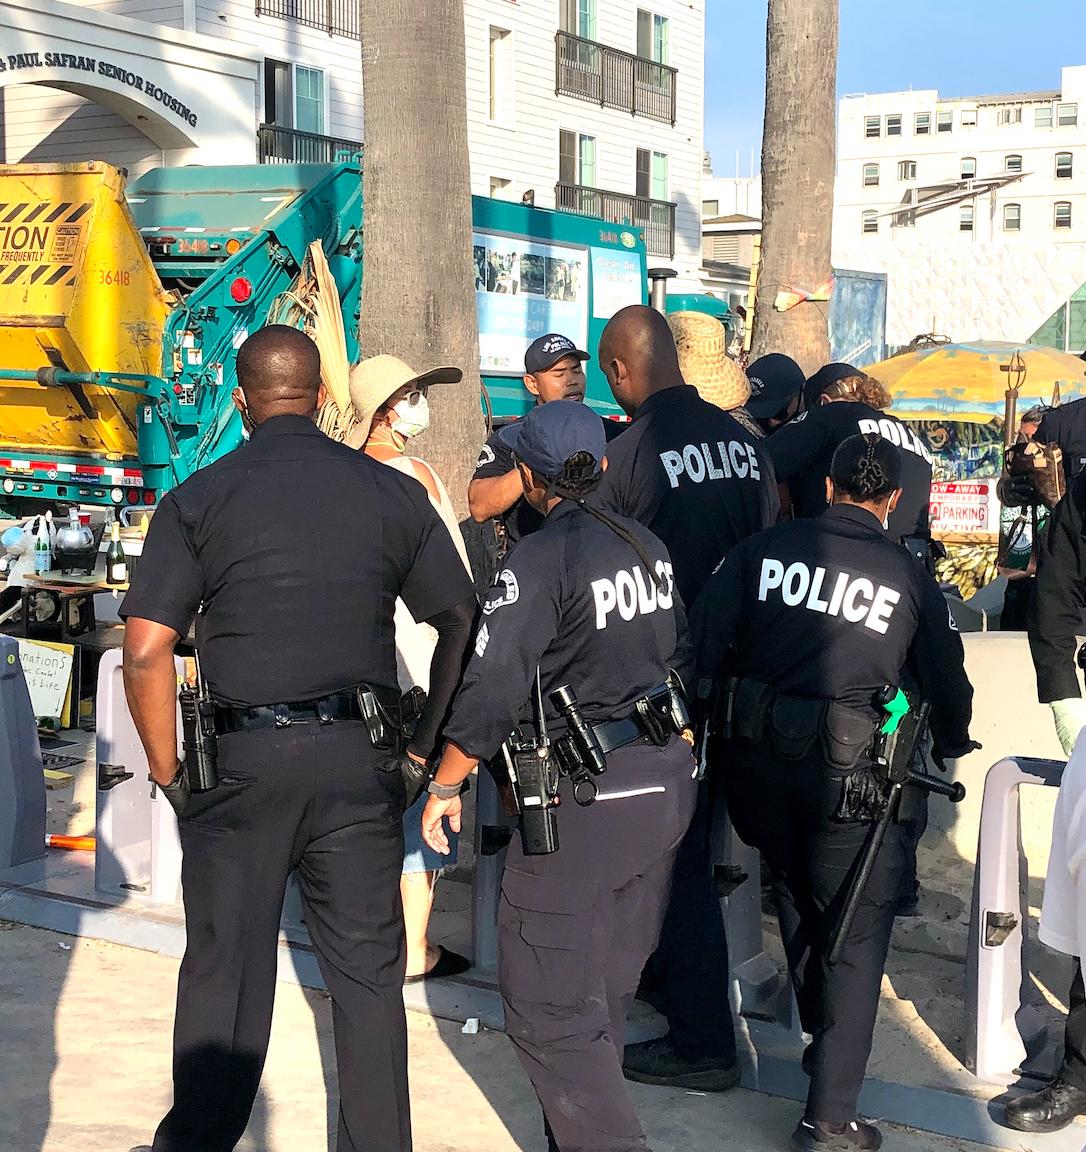 LAPD Boardwalk